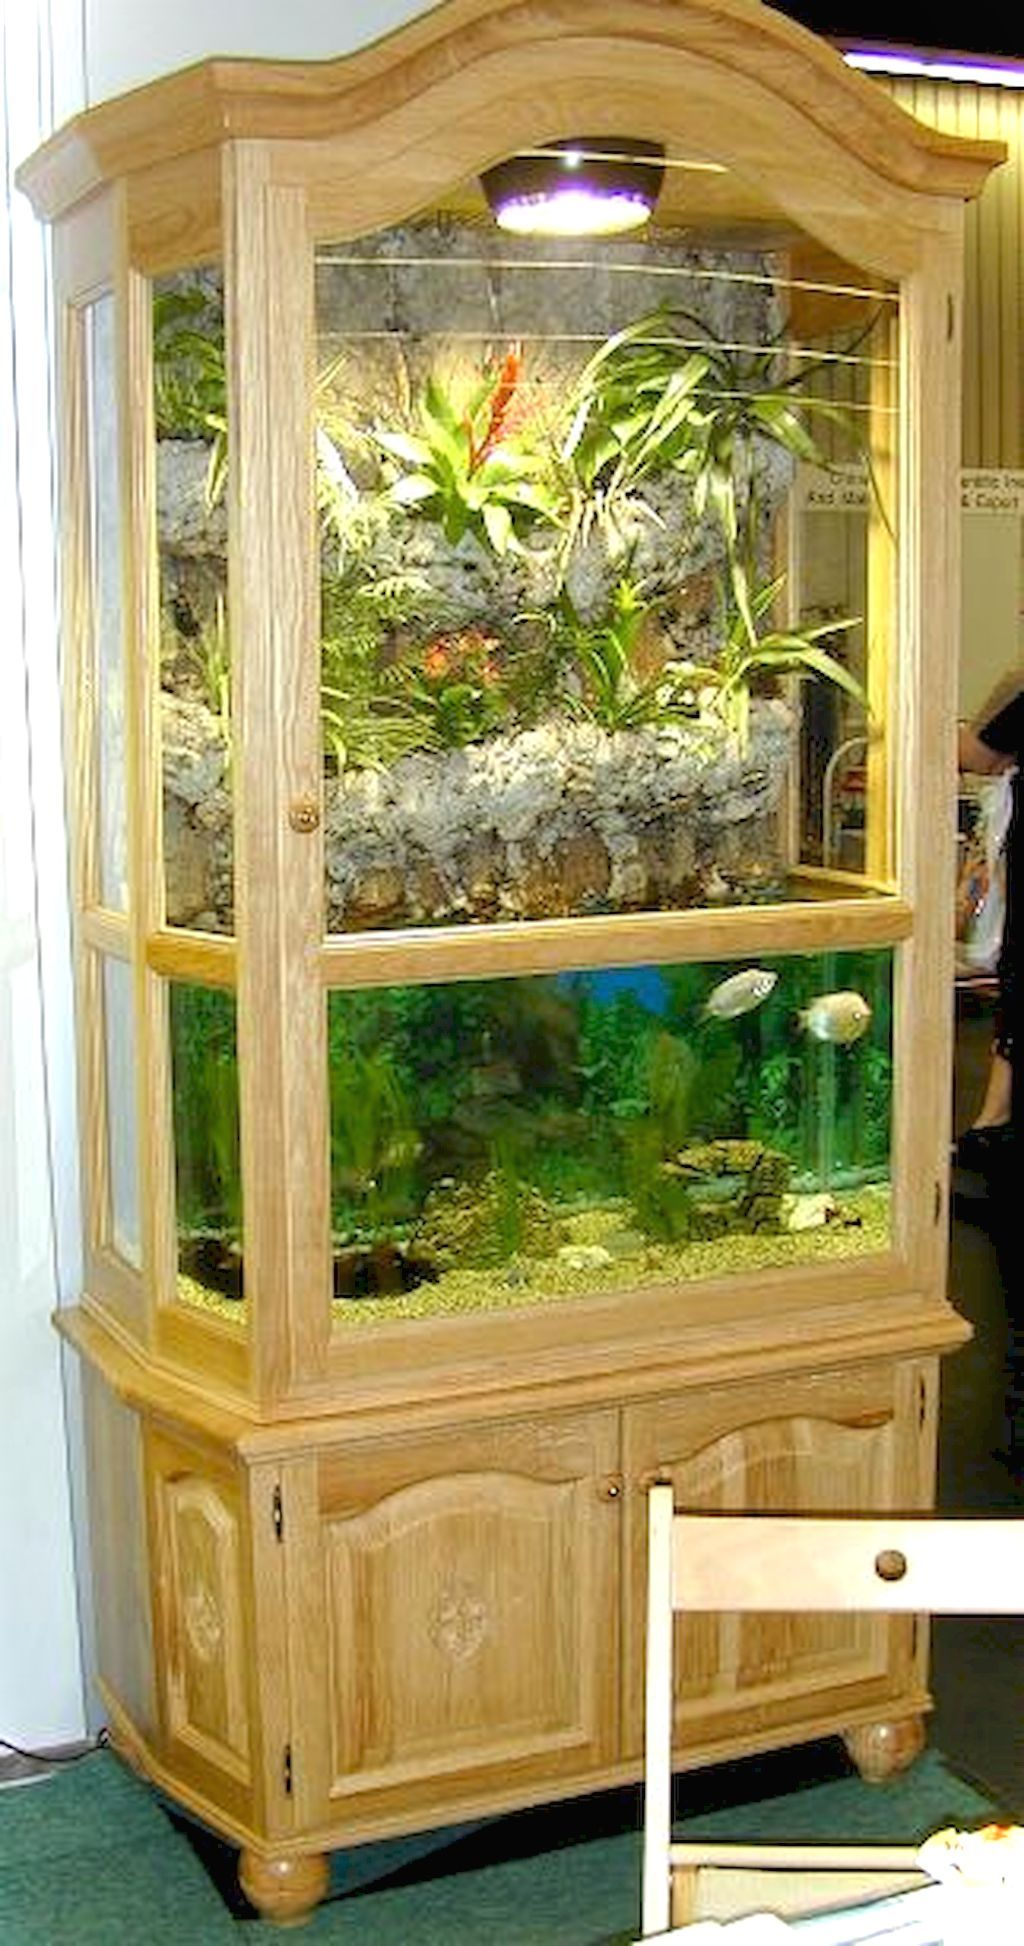 89f247b852baa0e5c77bf2c41e624cdd Frais De Aquarium 450 Litres Des Idées